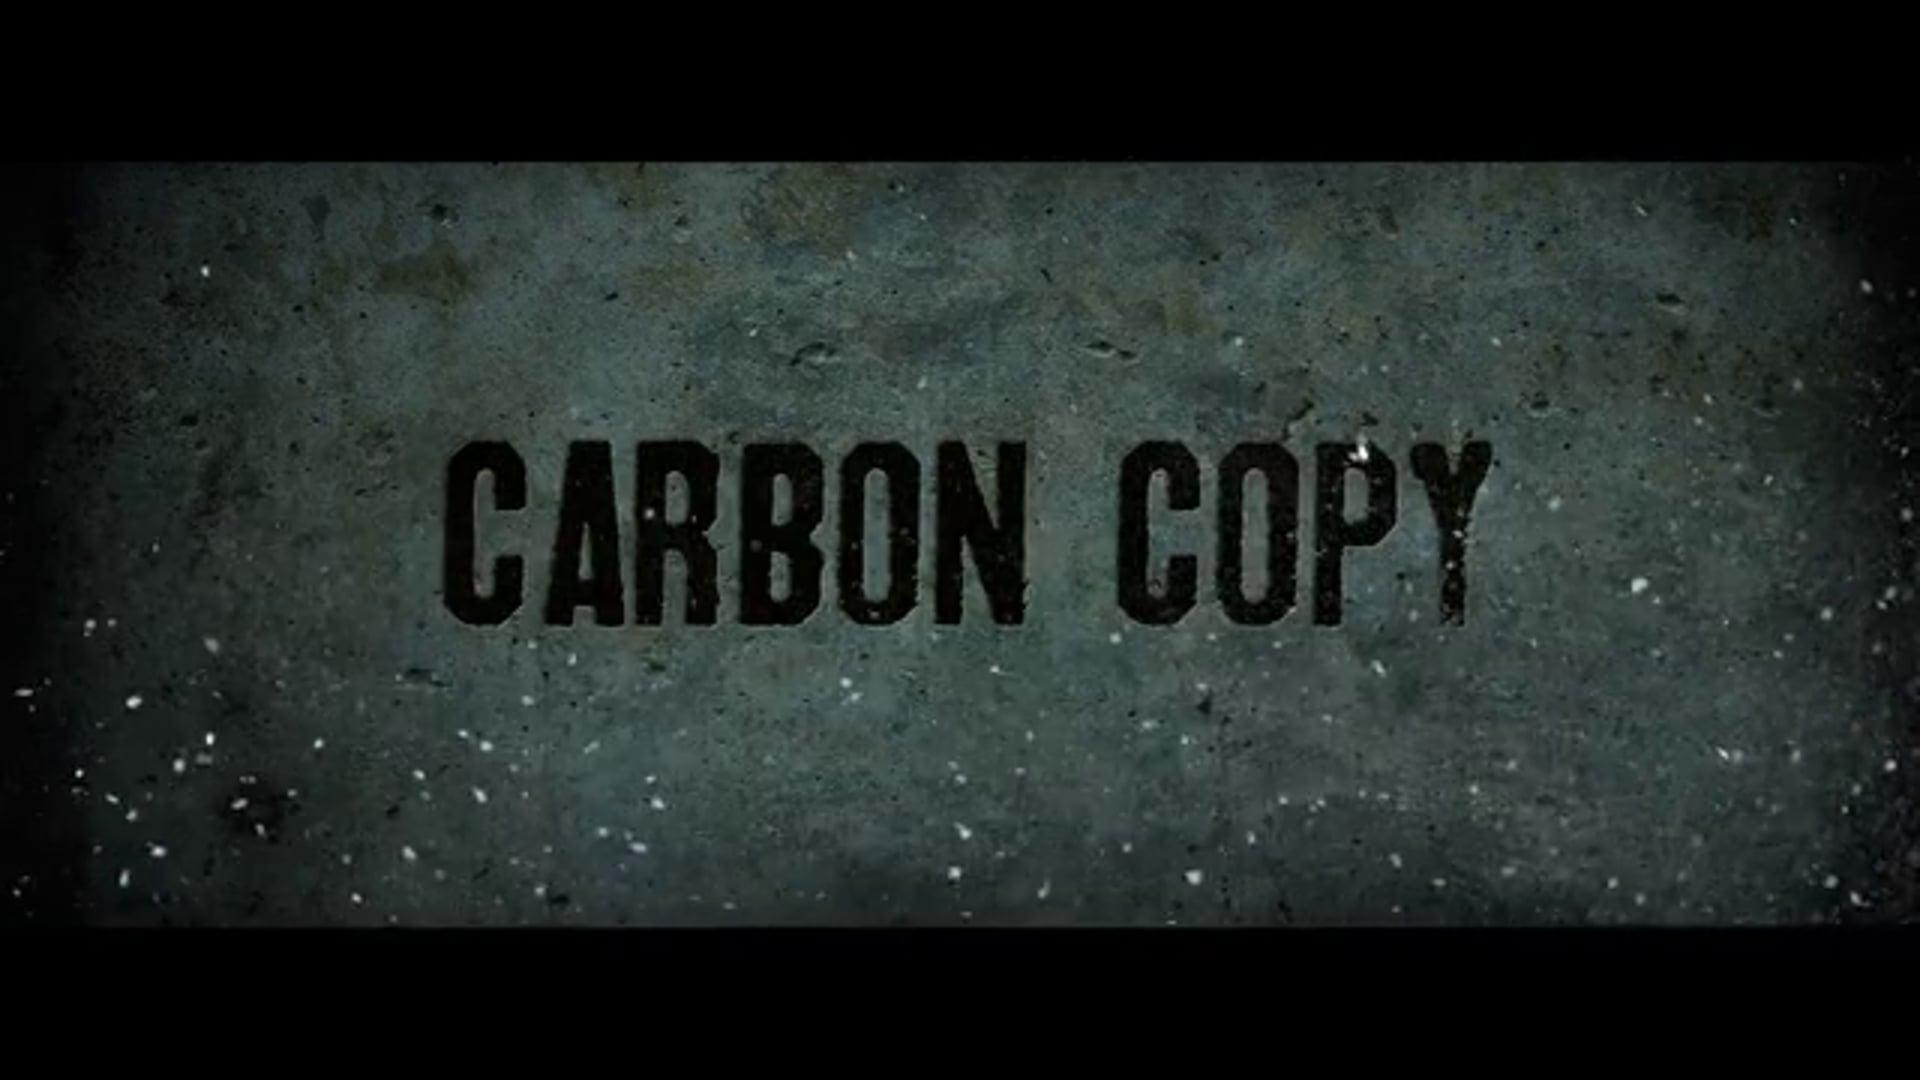 Carbon Copy - Trailer